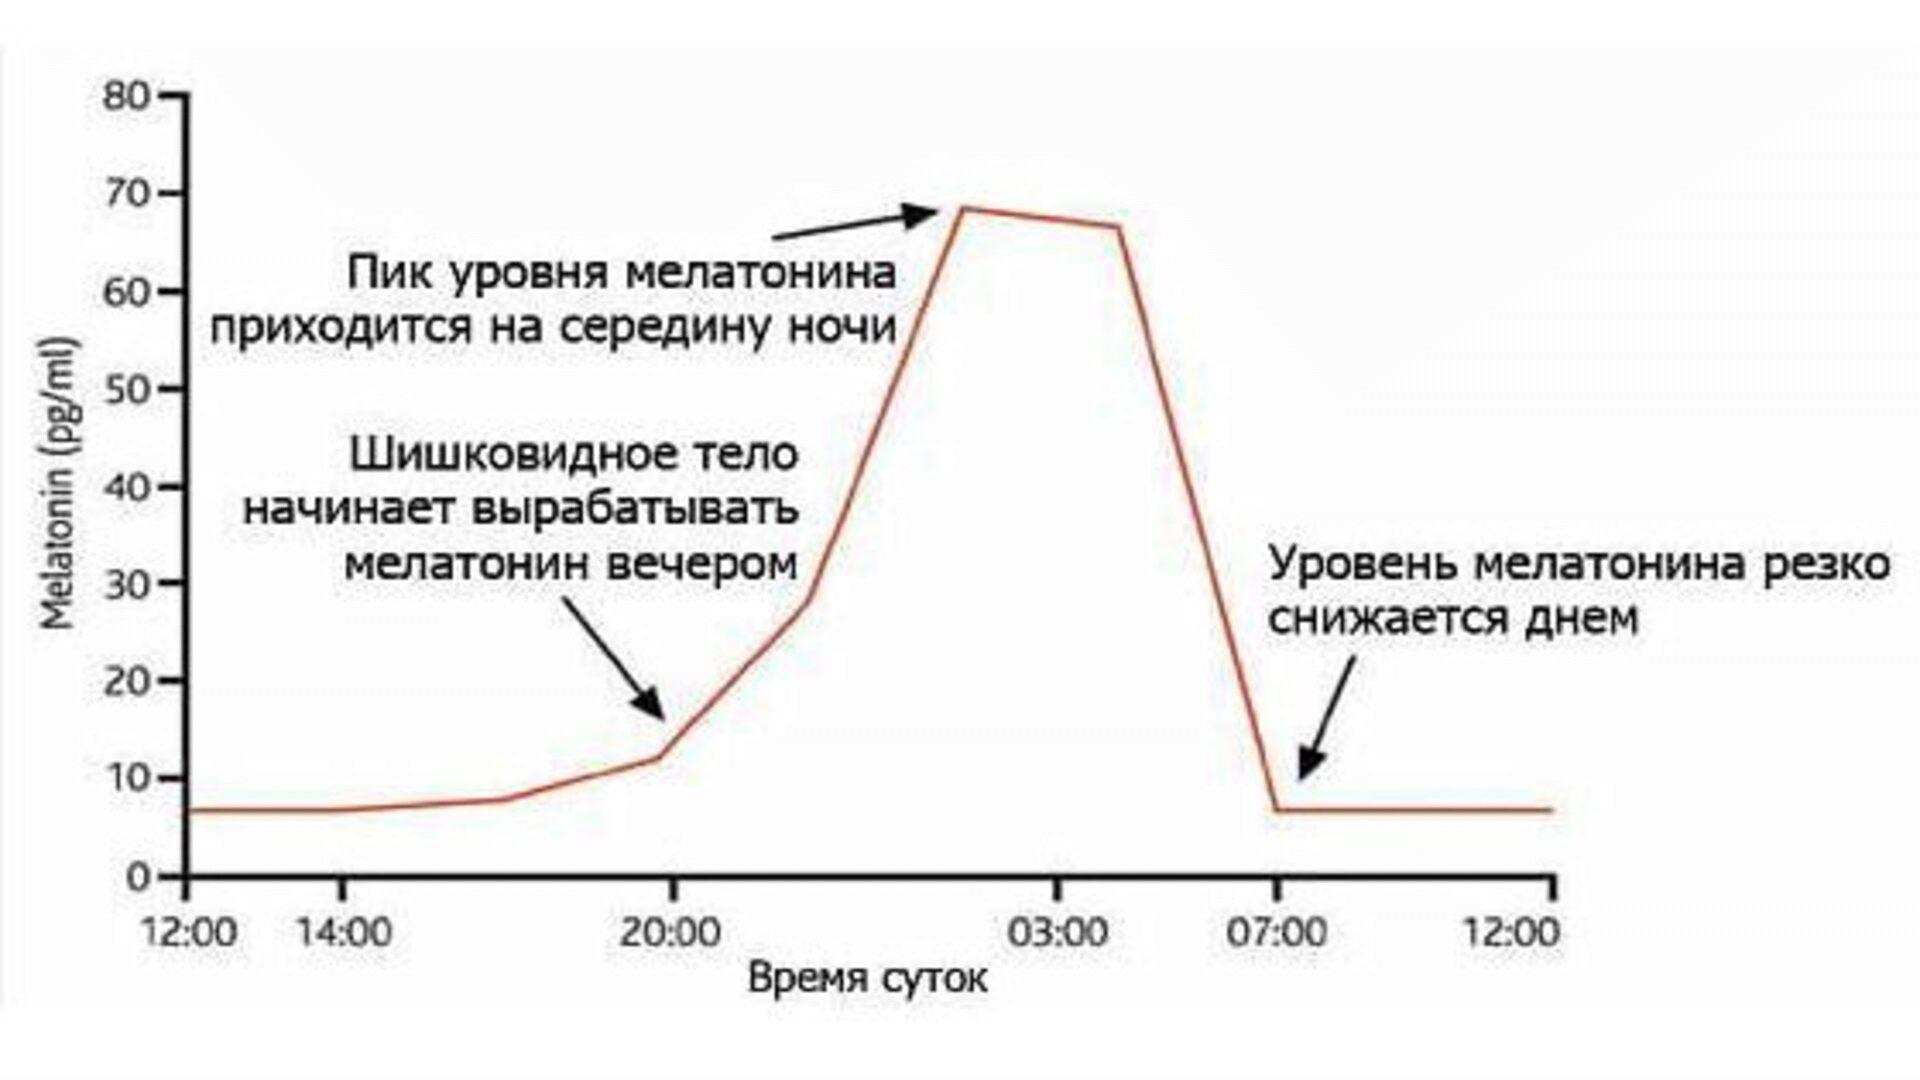 График выработки мелатонина нашим организмом